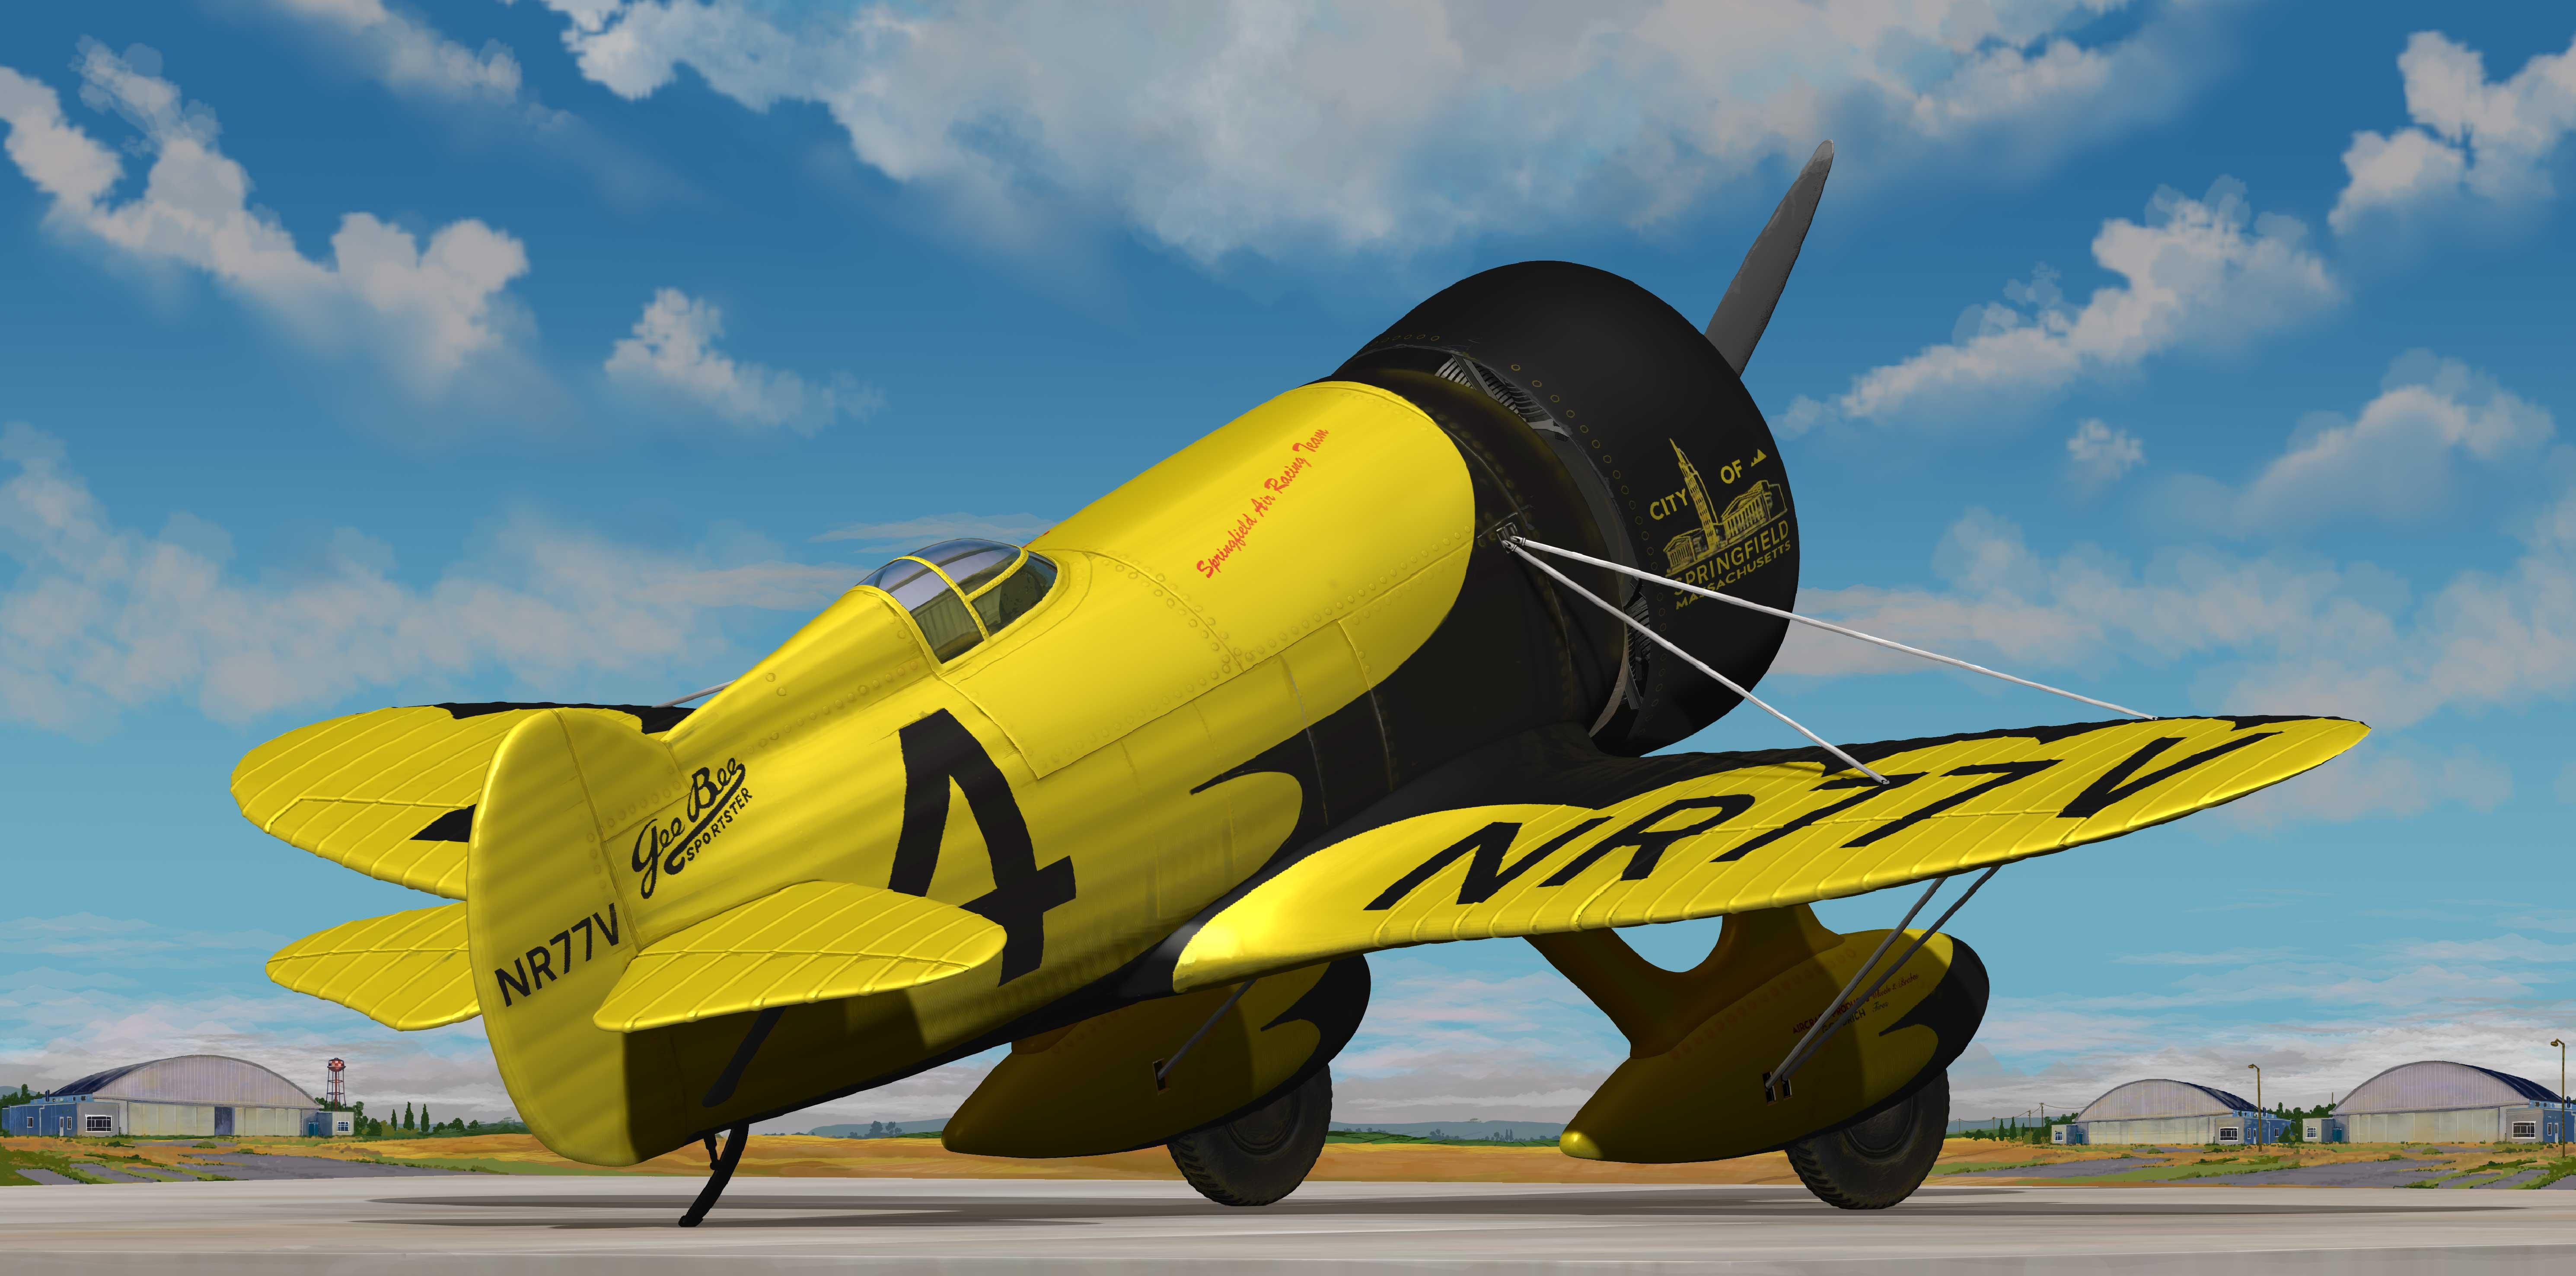 GeeBee plane